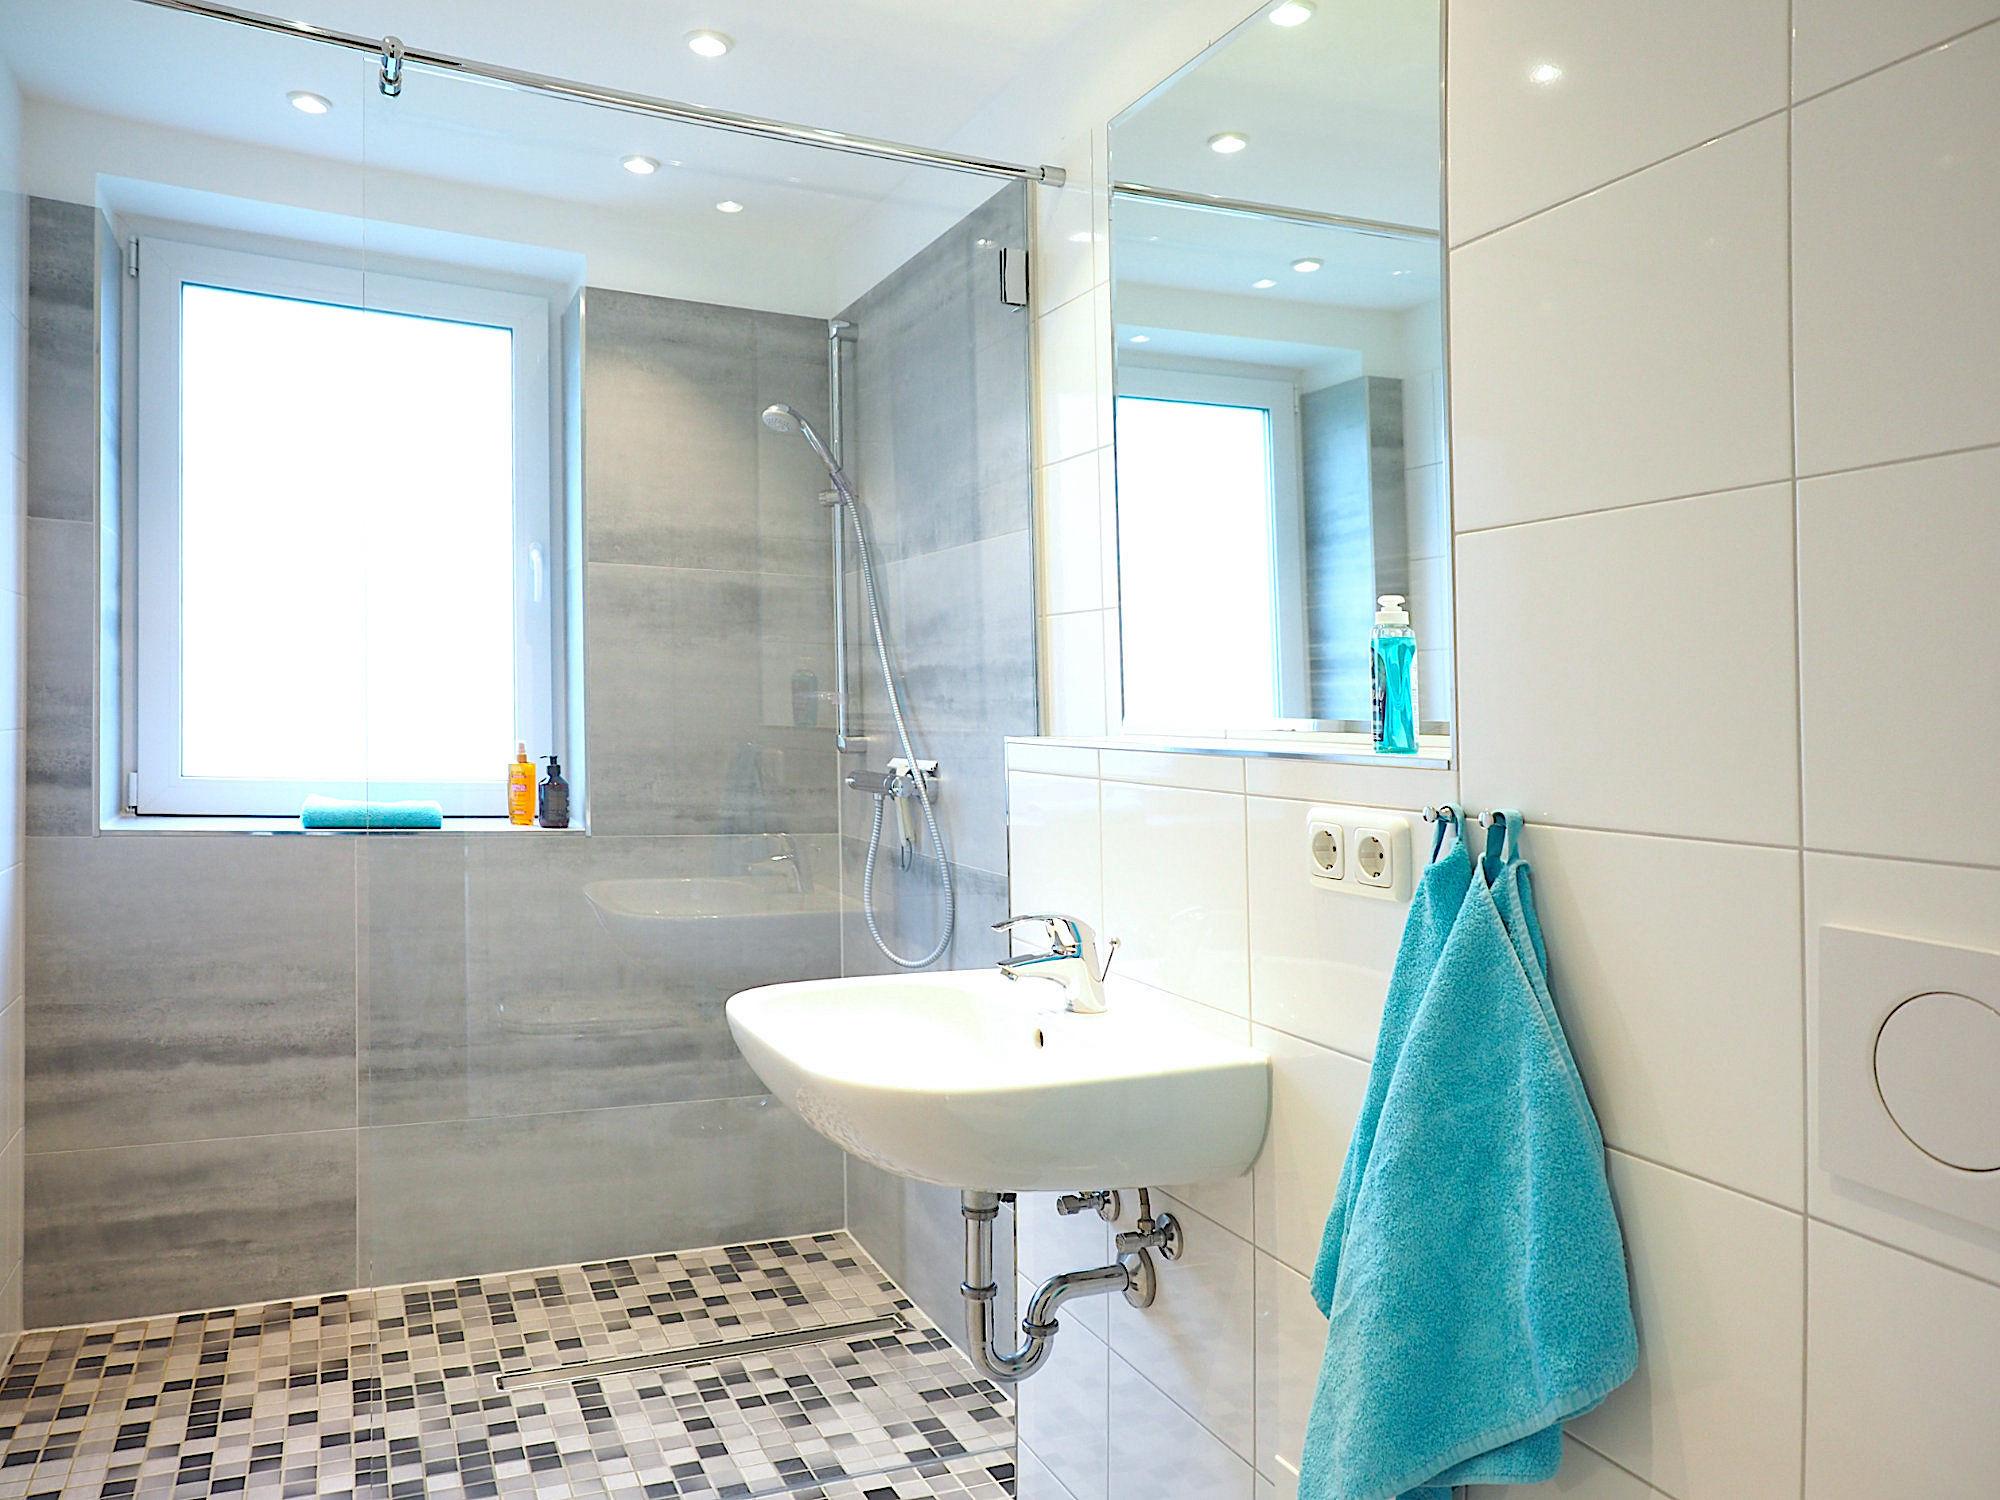 Duschbad: rechts ein Waschbecken mit Spiegel, im Hintergrund eine bodentiefe Dusche mit Glaswand sowie ein Fenster